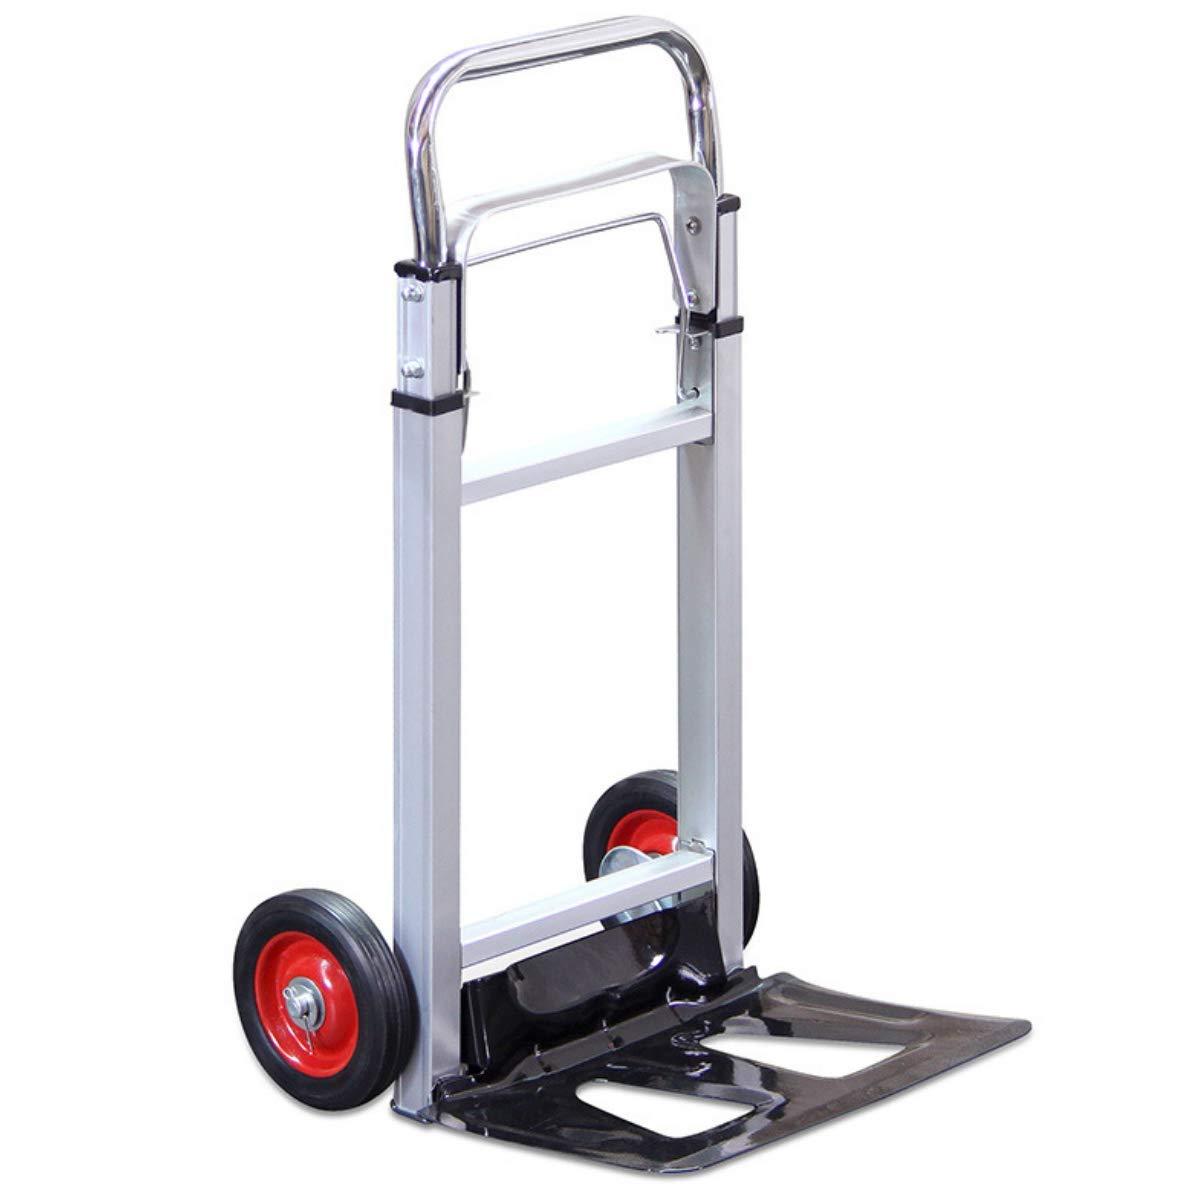 G-Rack Carro Manual Industrial de Aluminio Plegable - con Neumáticos Antipinchazos y Capacidad de Carga de 100 kg, Blanco